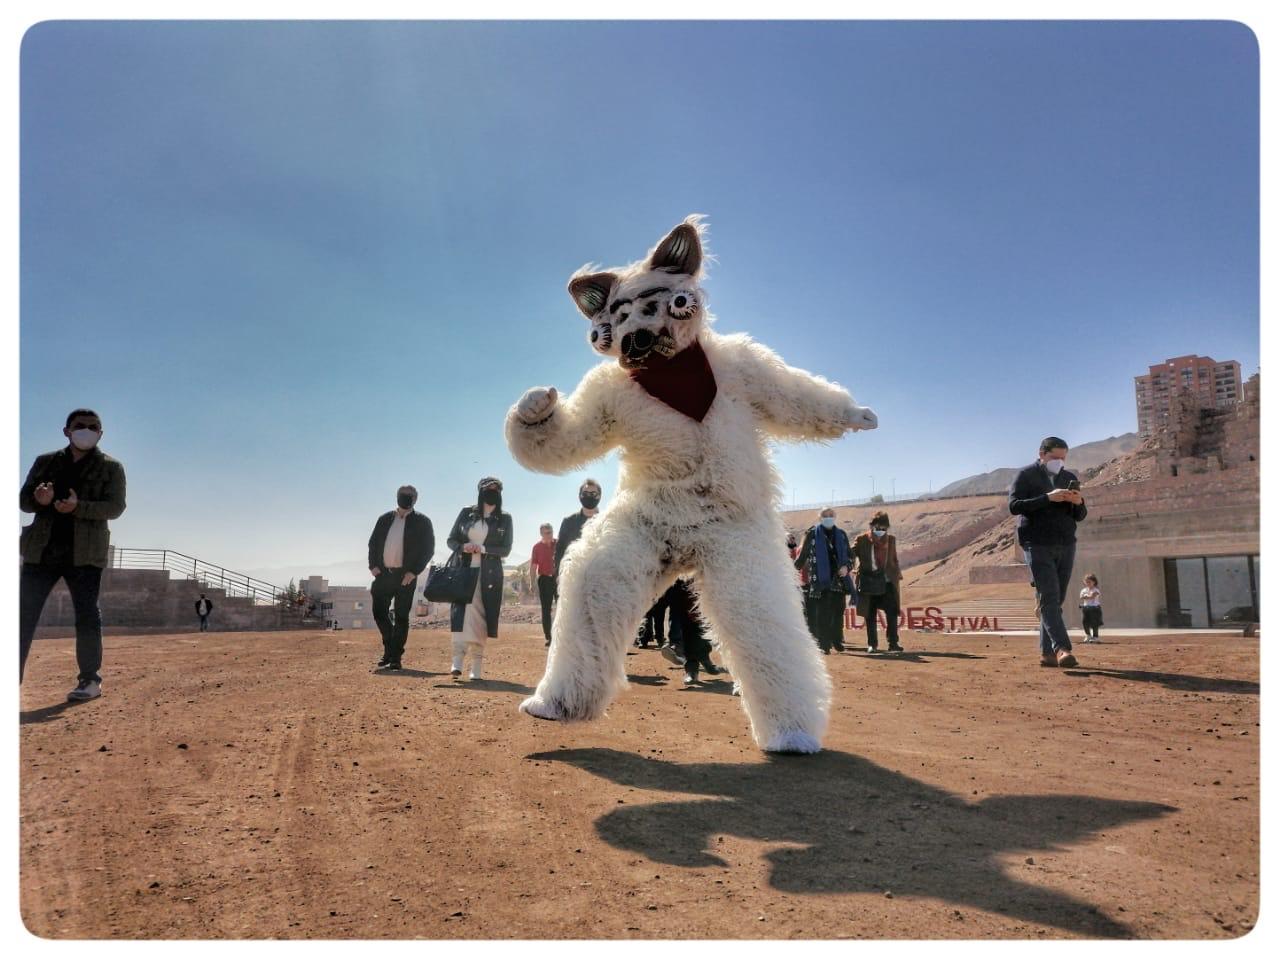 Identidades Festival se reencuentra con la comunidad en torno a las artes vivas en su VII edición en el Desierto de Atacama